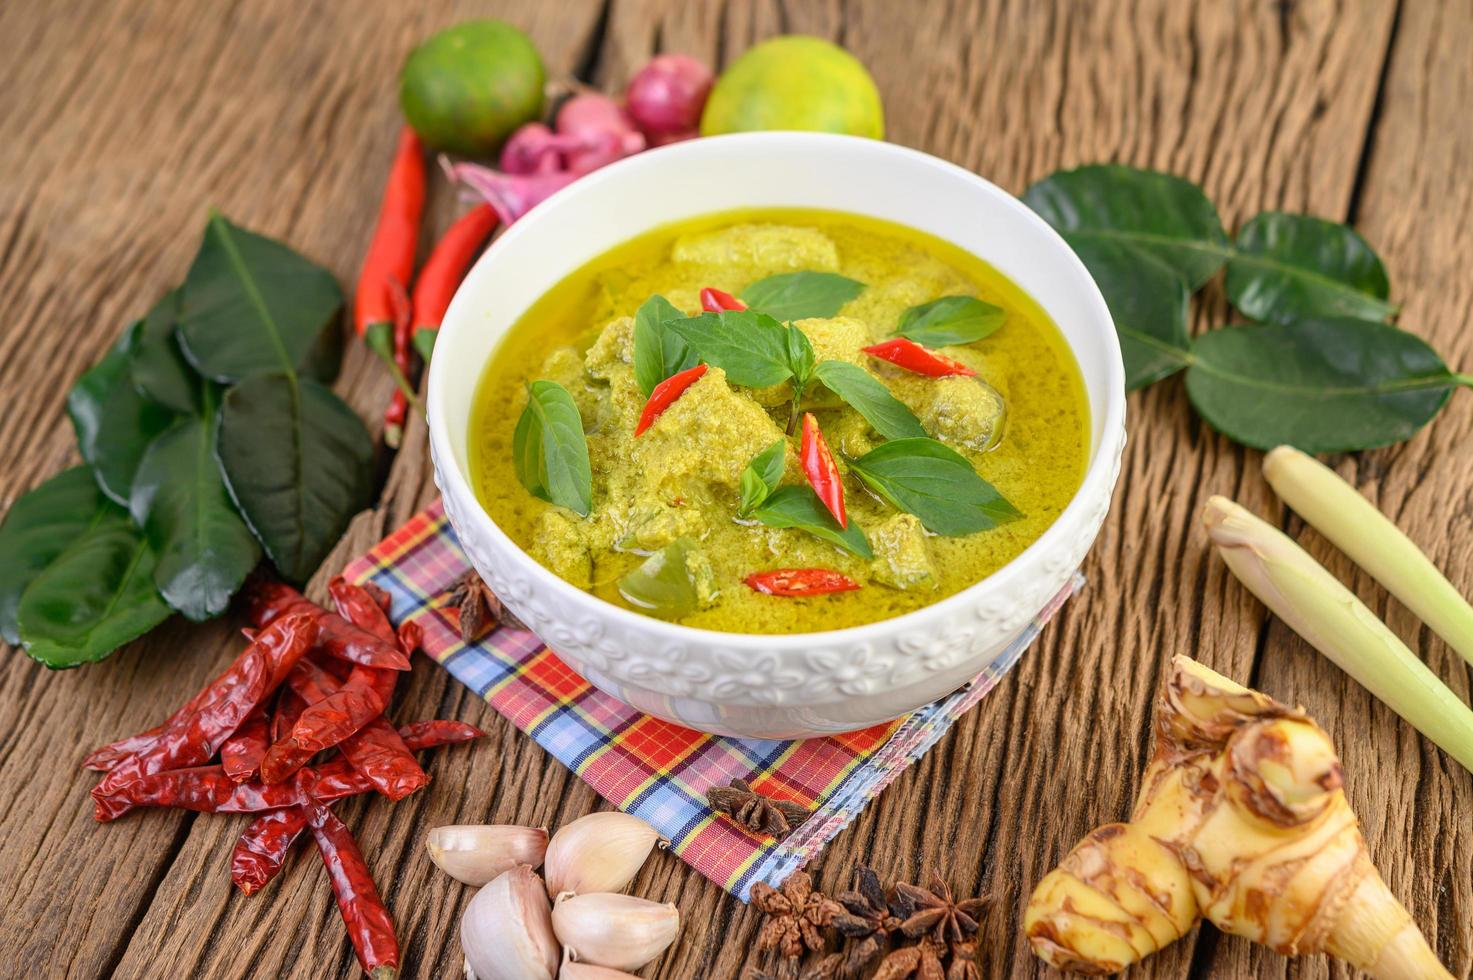 grünes Curry mit Limetten, roten Zwiebeln, Zitronengras, Knoblauch und Kaffirblättern foto